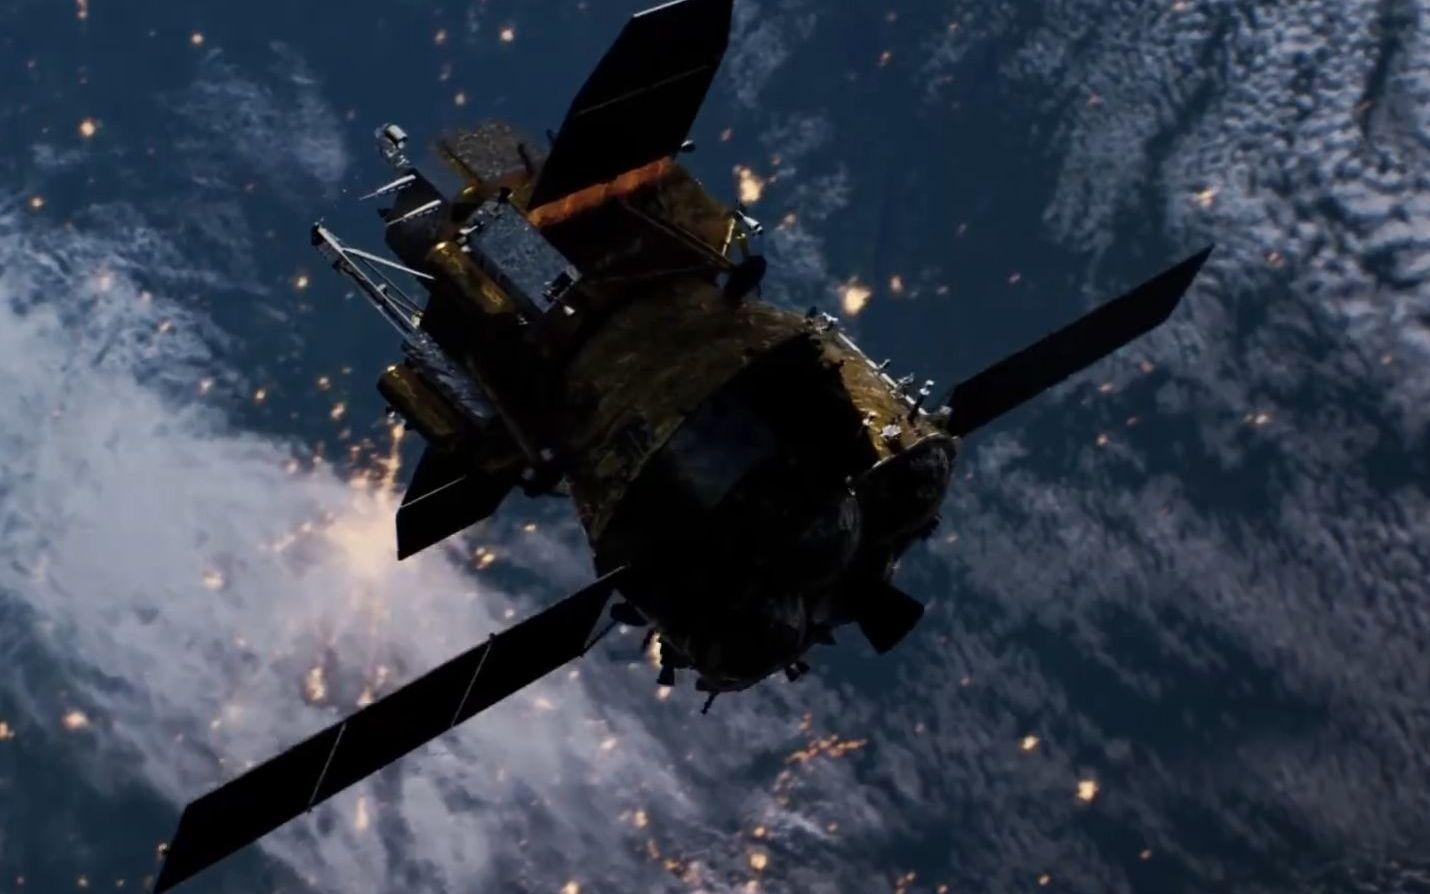 【嫦娥探月】每!一!帧!都!很!震!撼! 嫦娥五号探月之旅视觉大片,震撼上线!(航天科技集团八院)